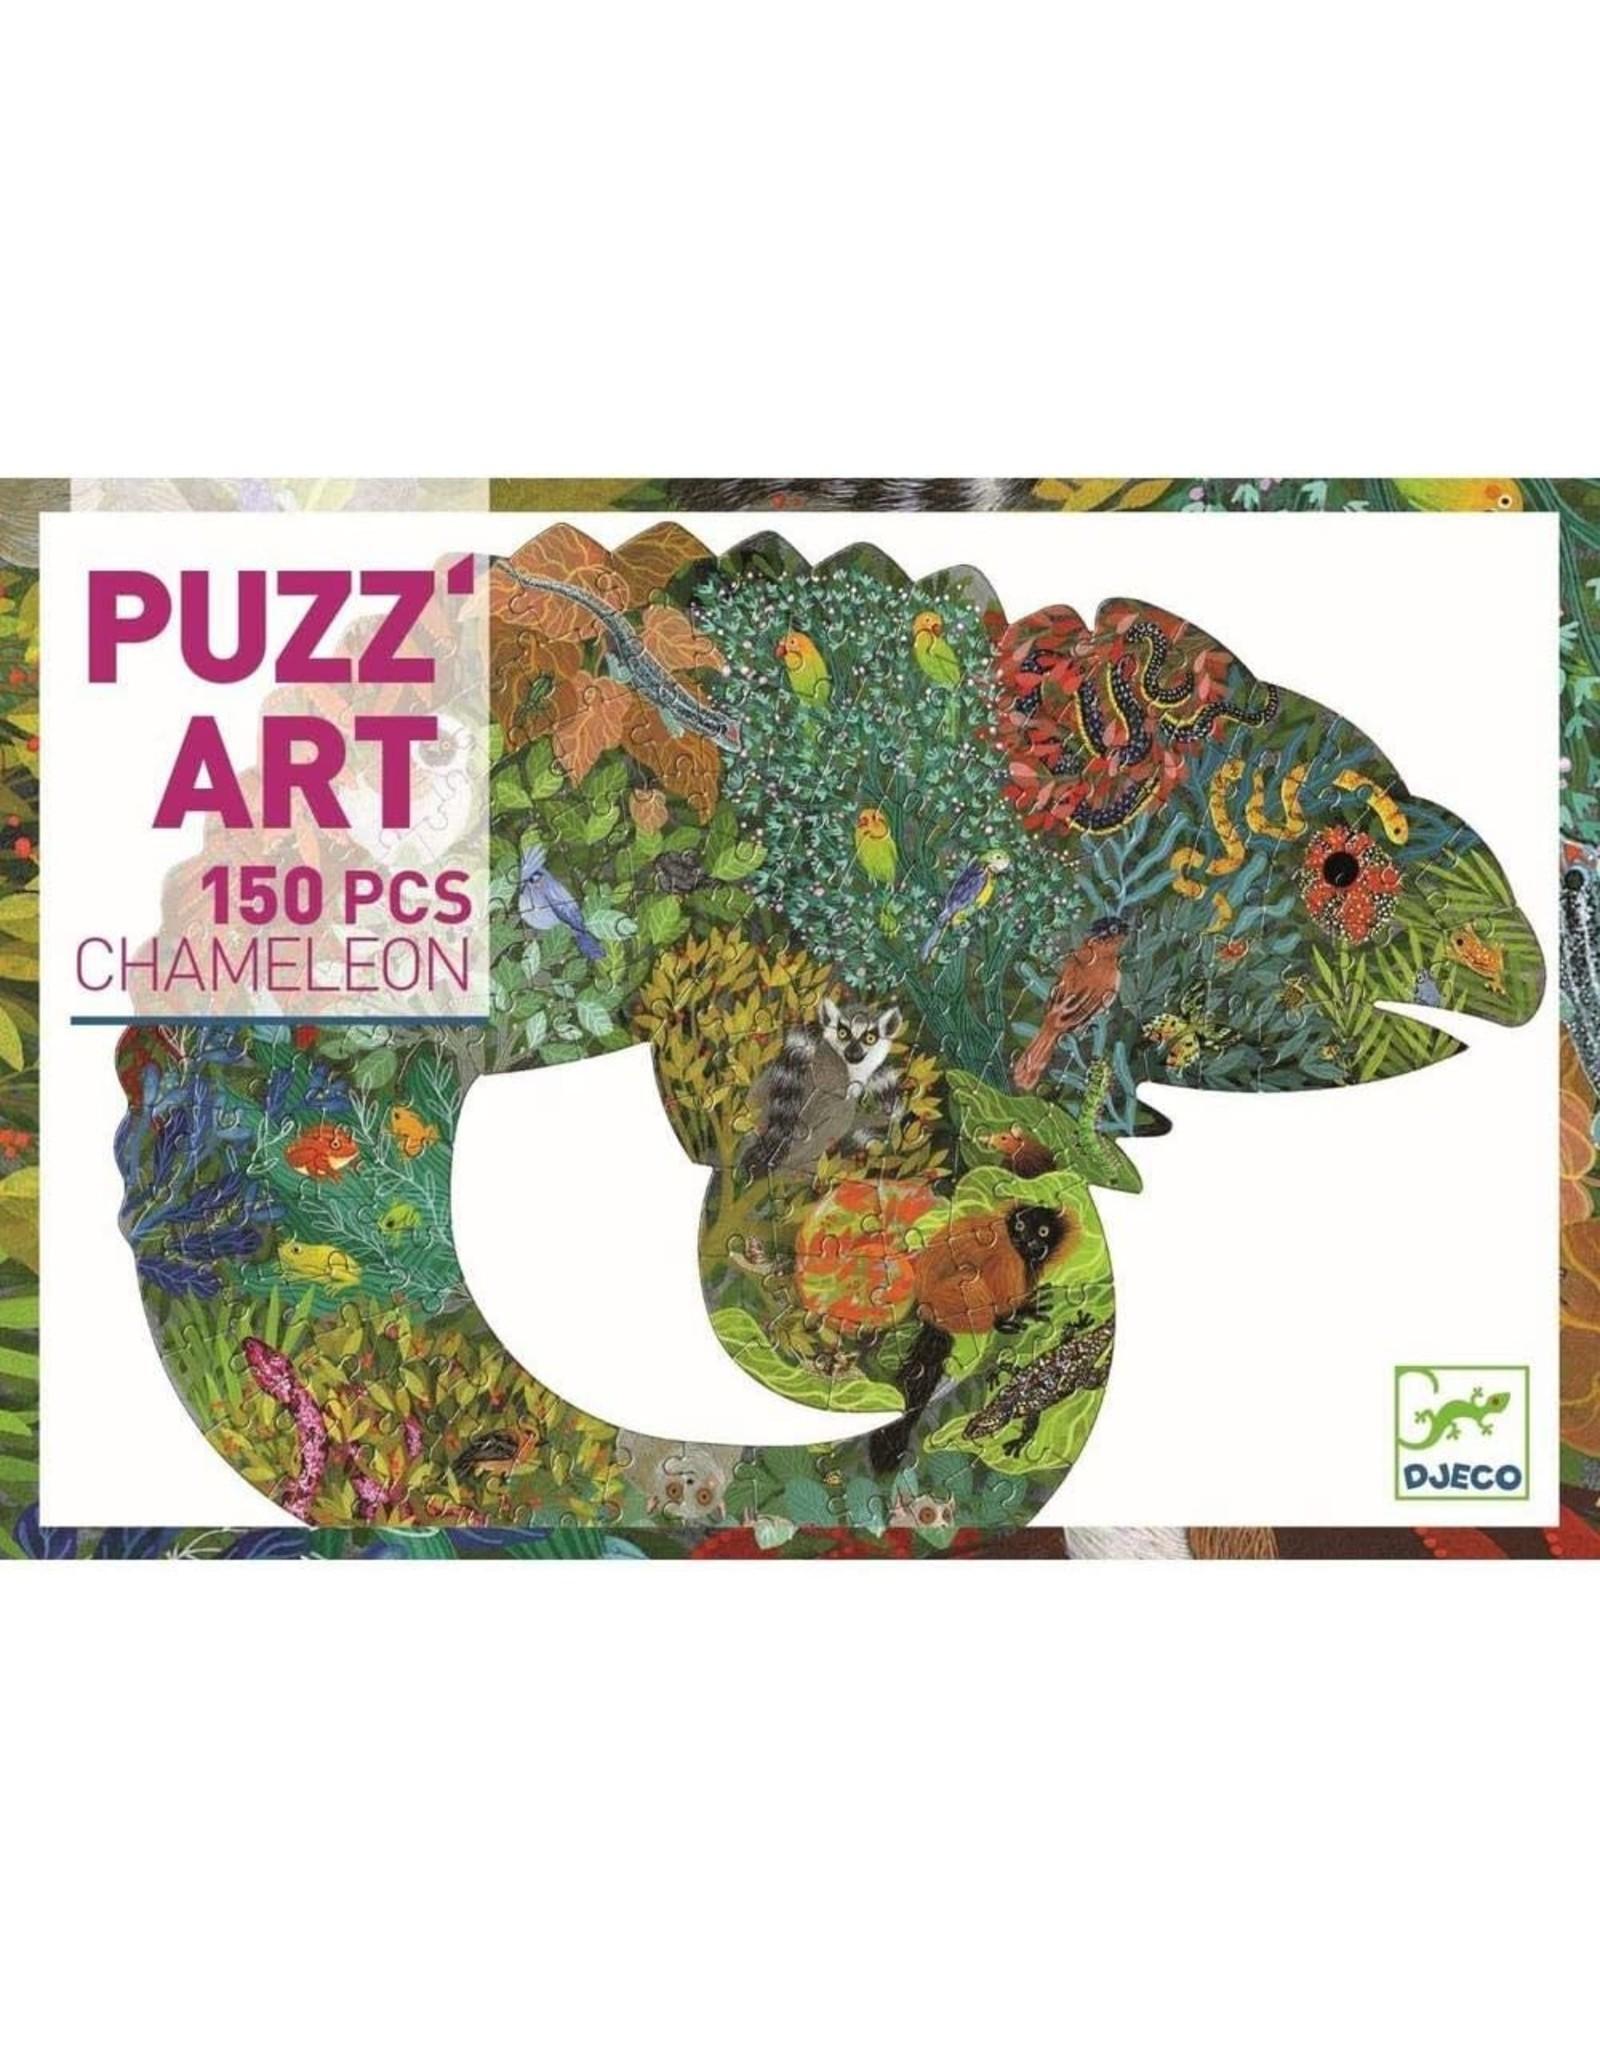 Djeco Chameleon 150 pieces